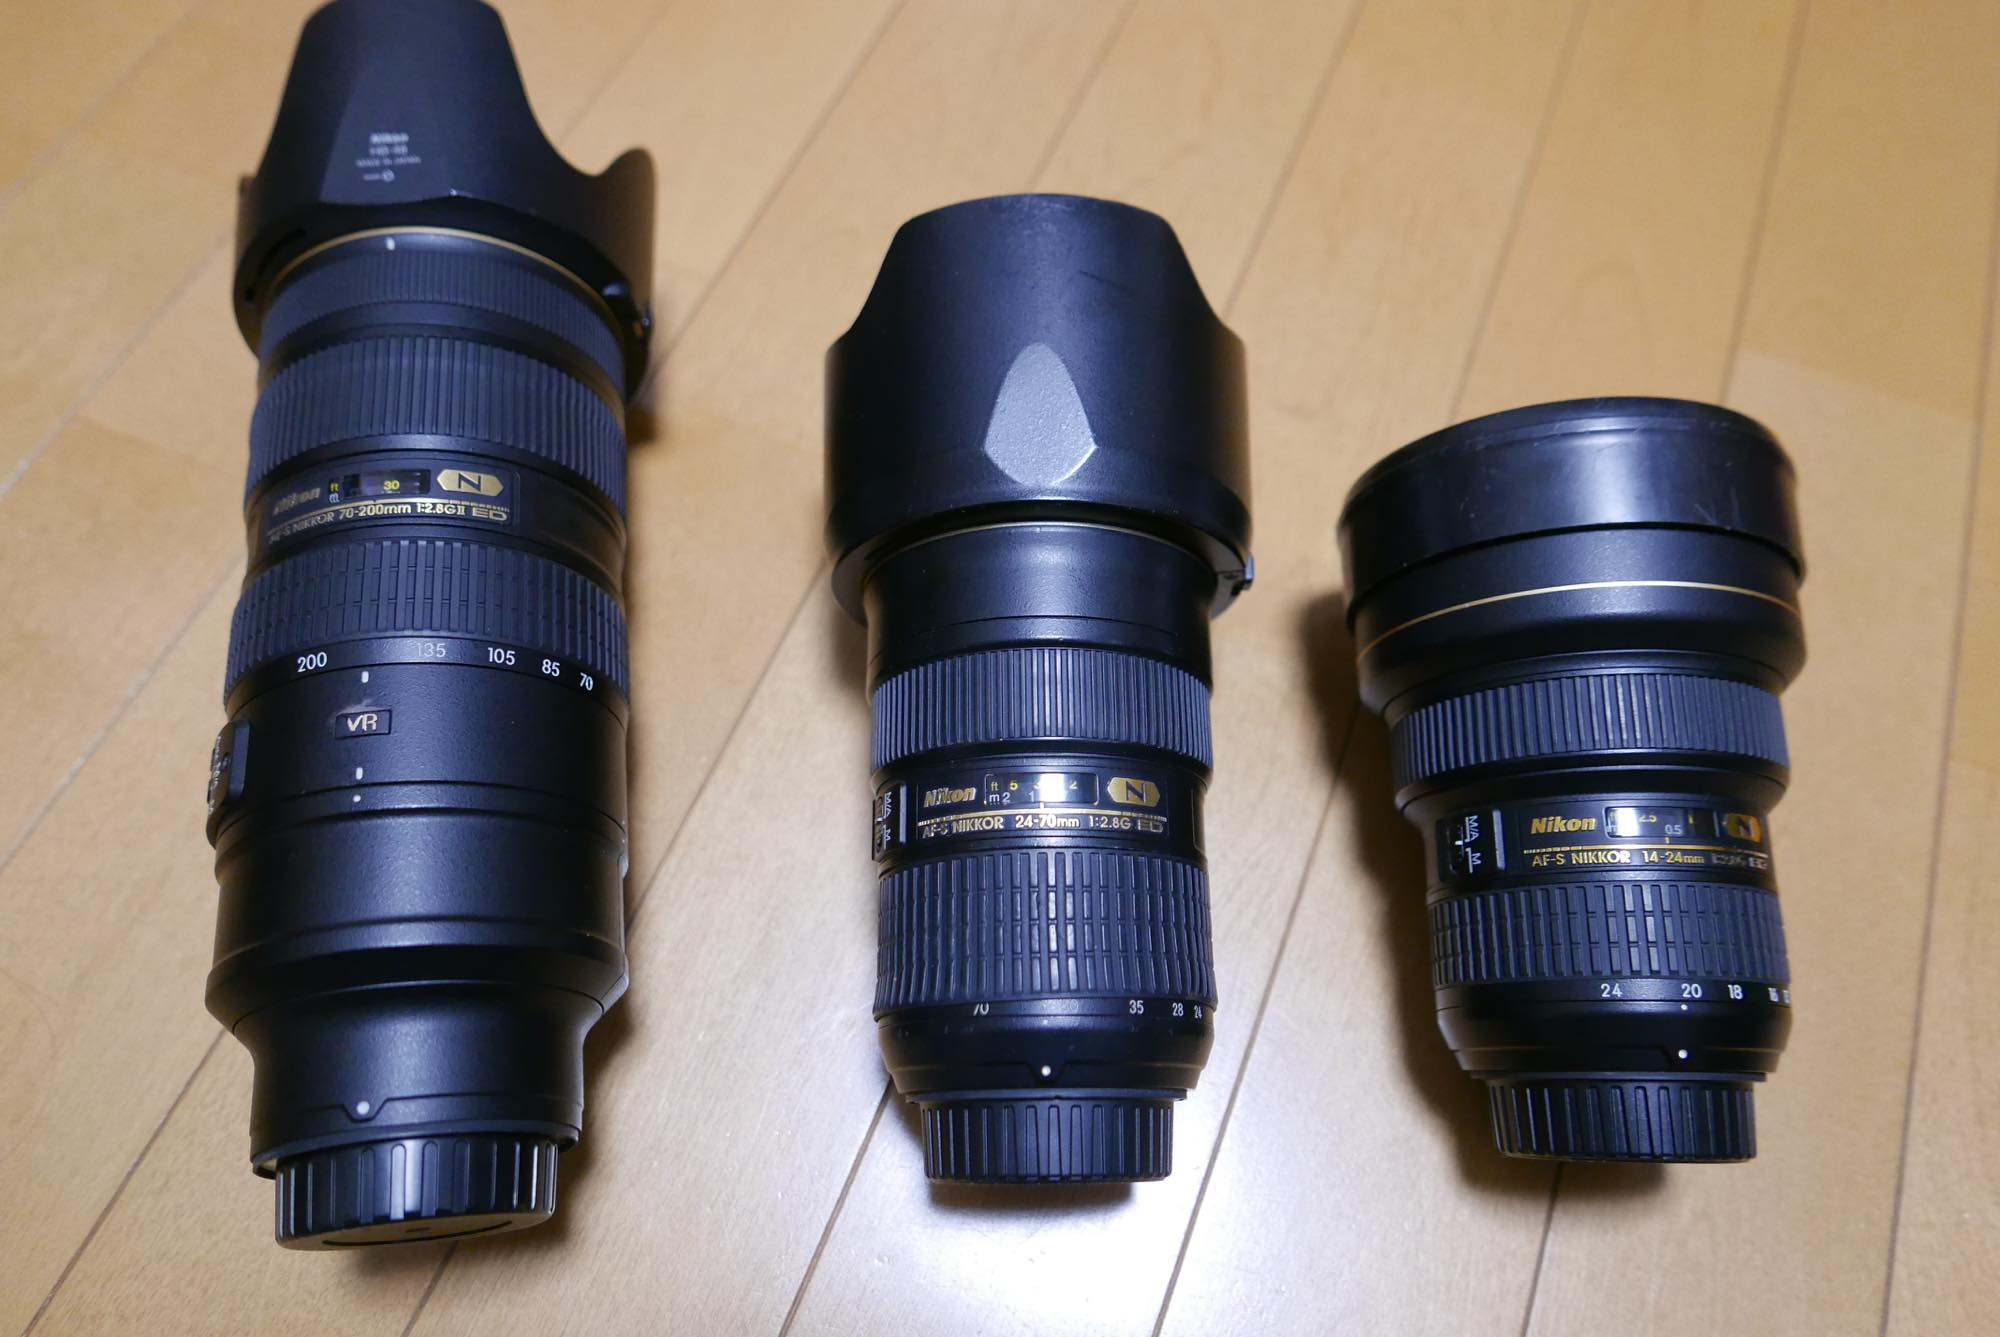 ついにNikonの大三元レンズ揃えました。